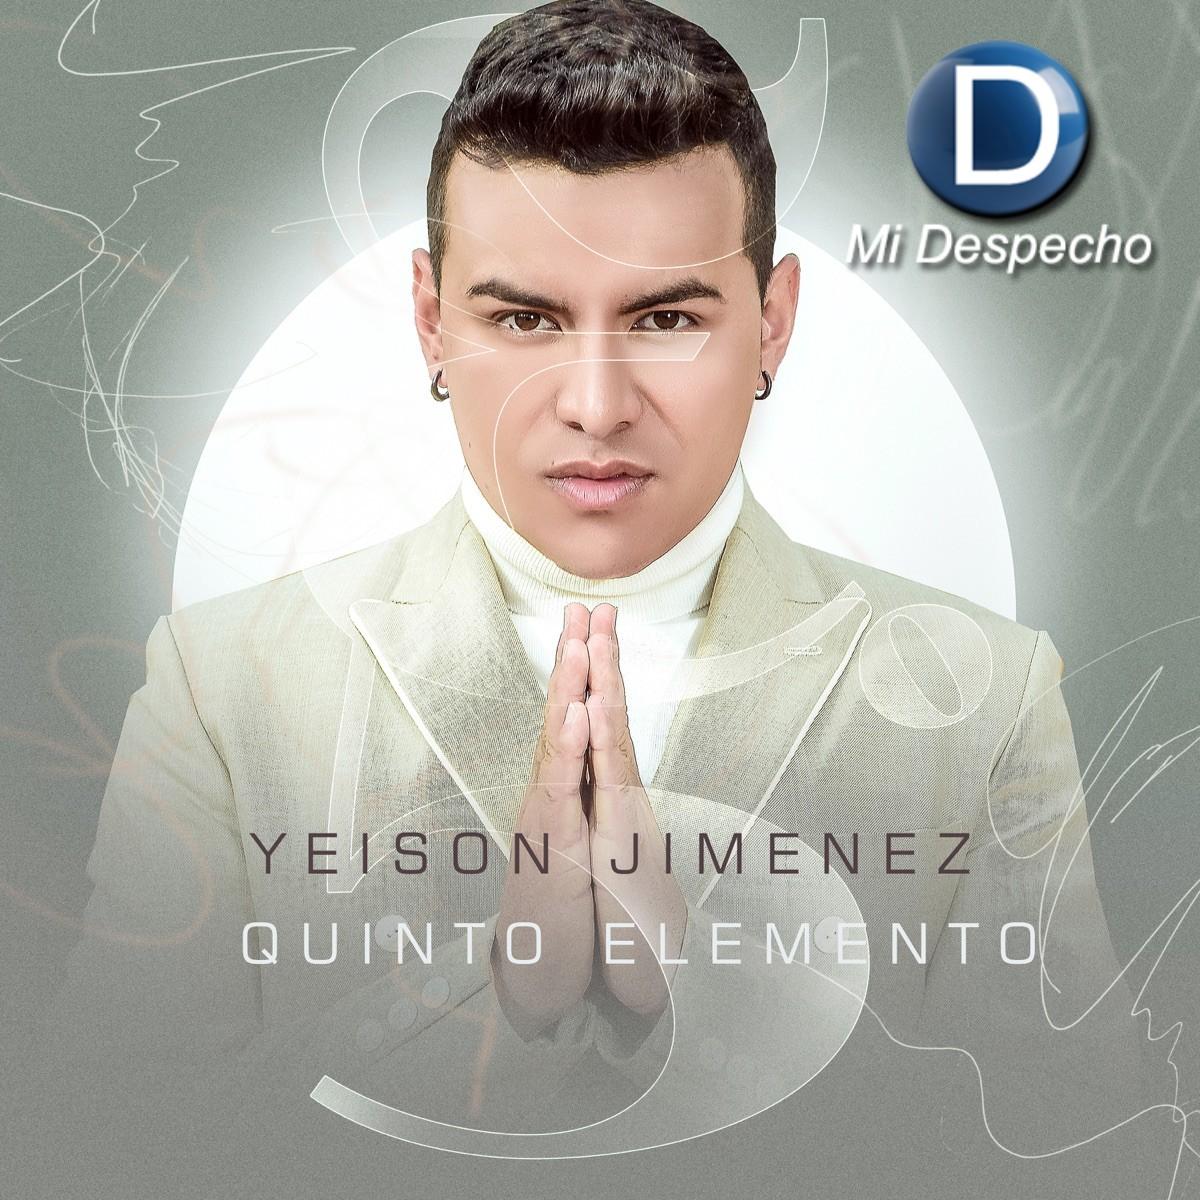 Yeison Jiménez Quinto Elemento Frontal